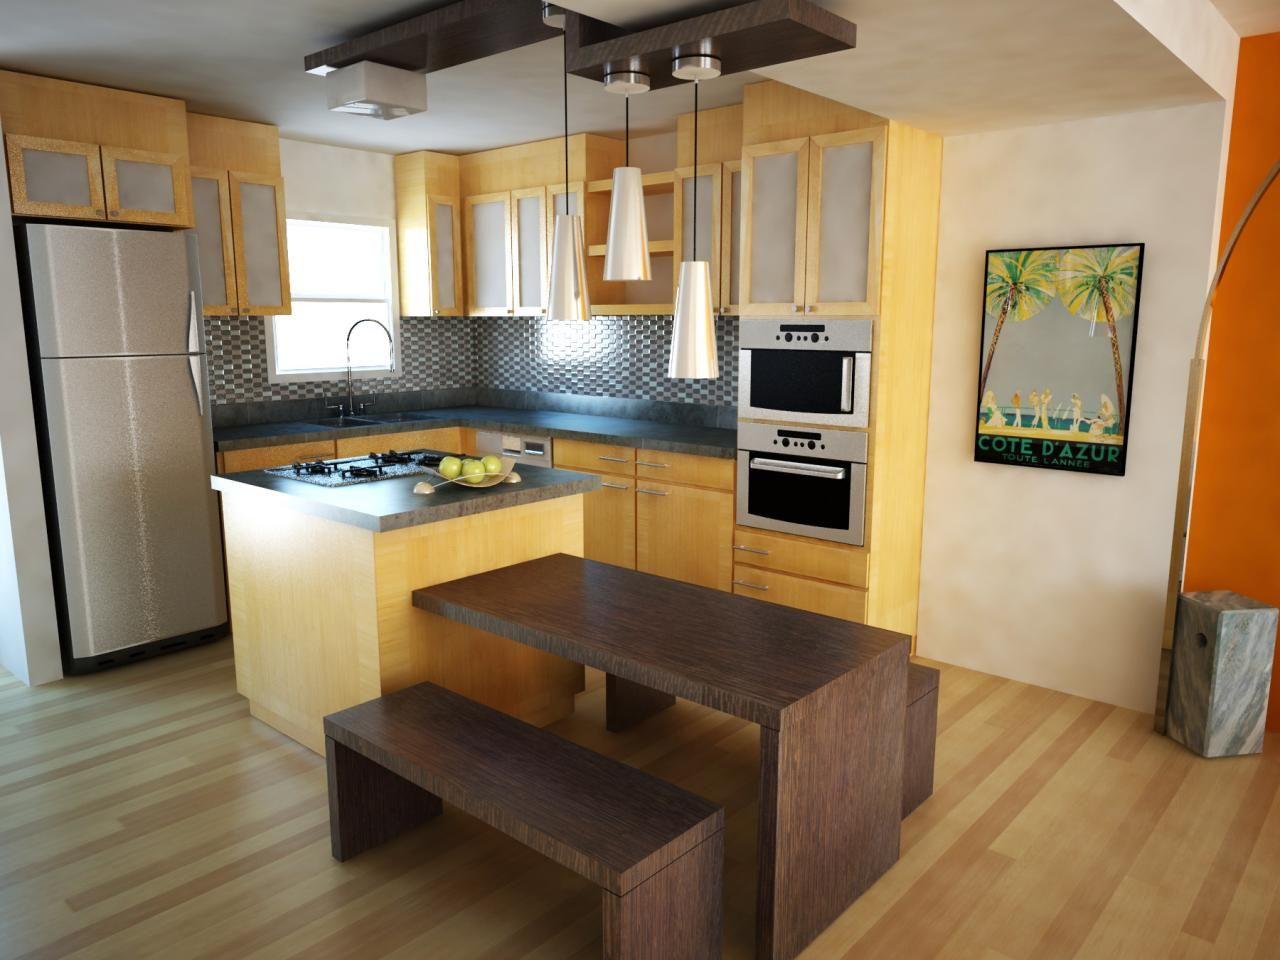 Kleine Küche Renovieren Ideen  Offene Küche design ist in der Regel